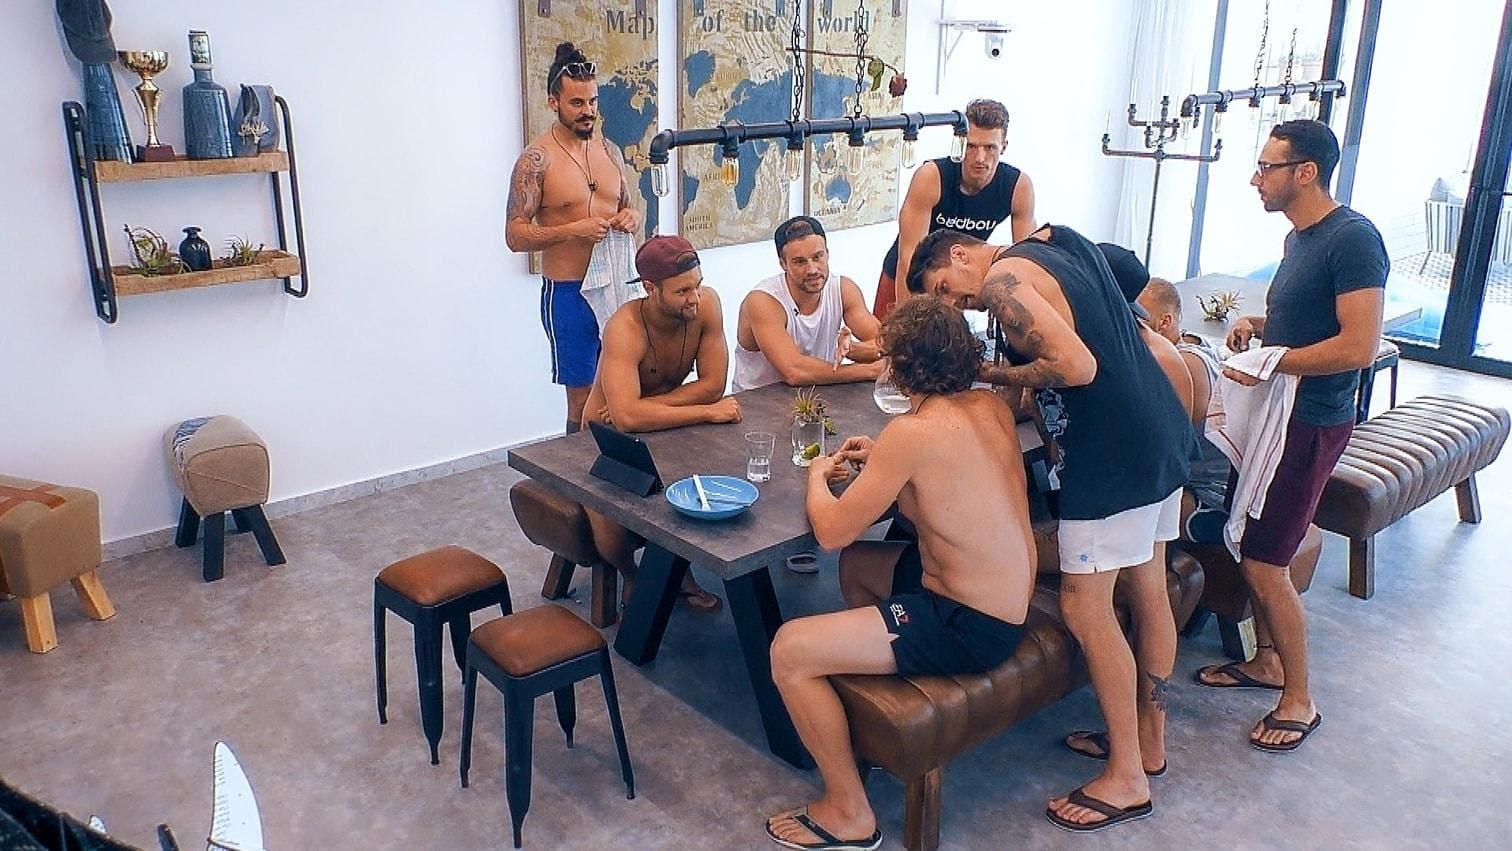 <p>Bei den anderen Jungs machte sich derweil Frust breit.</p> Foto: MG RTL D